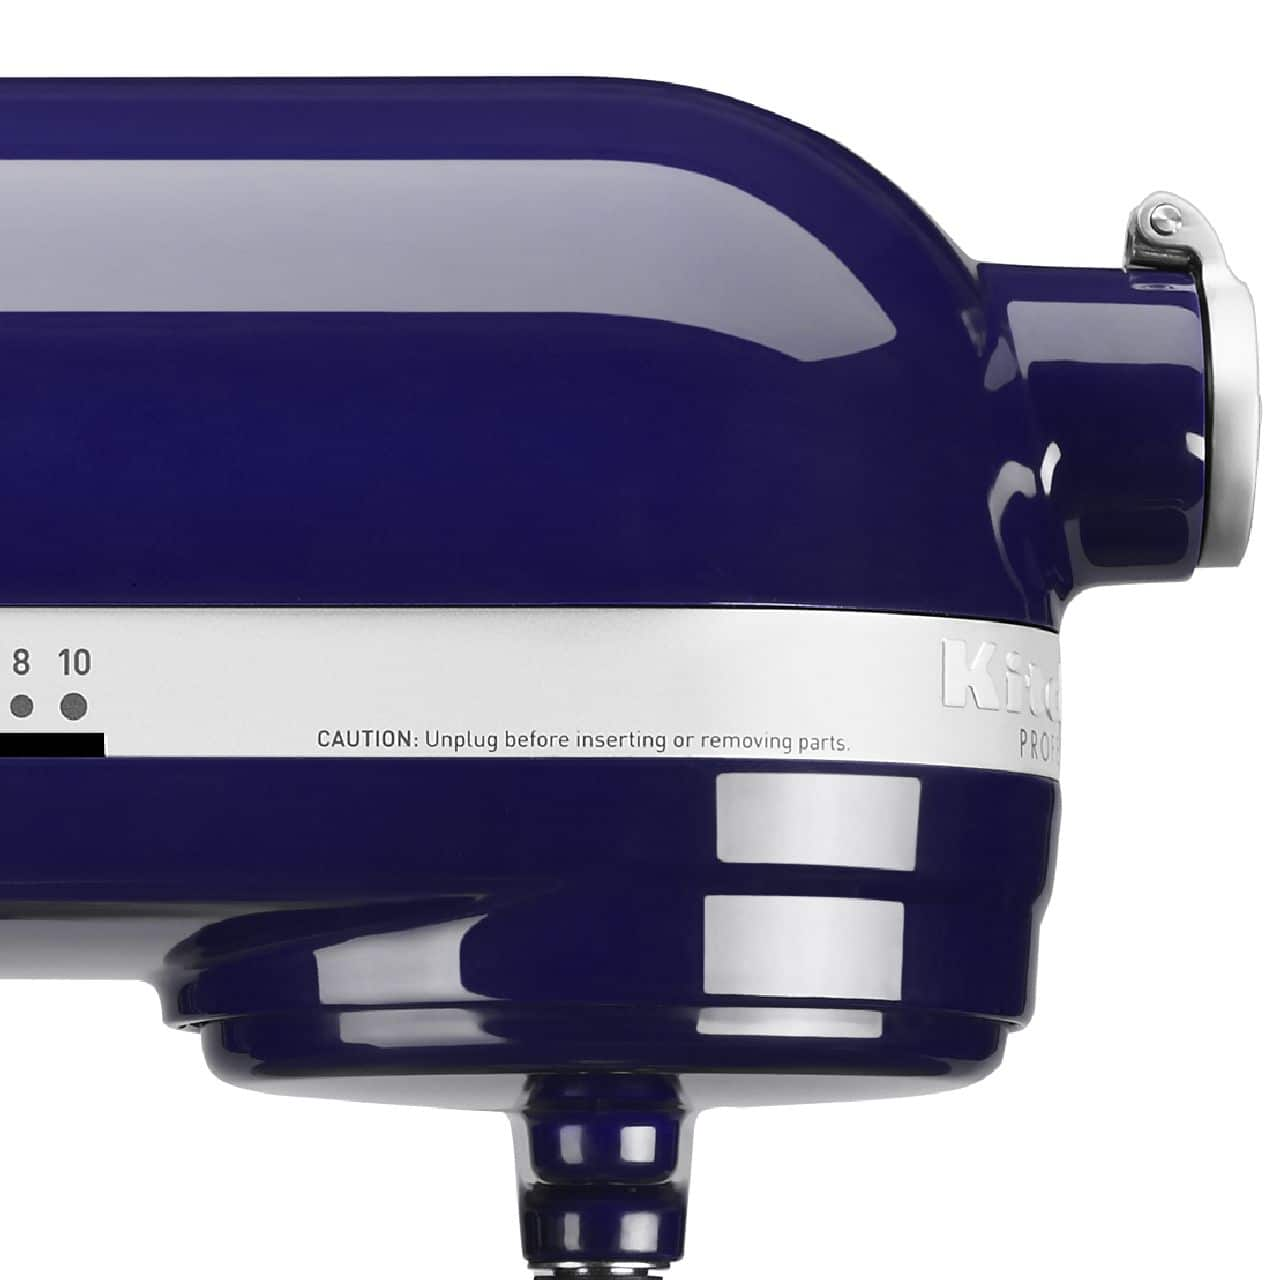 KitchenAid KP26M1XBU 6 Qt. Professional 600 Series Bowl-Lift ...